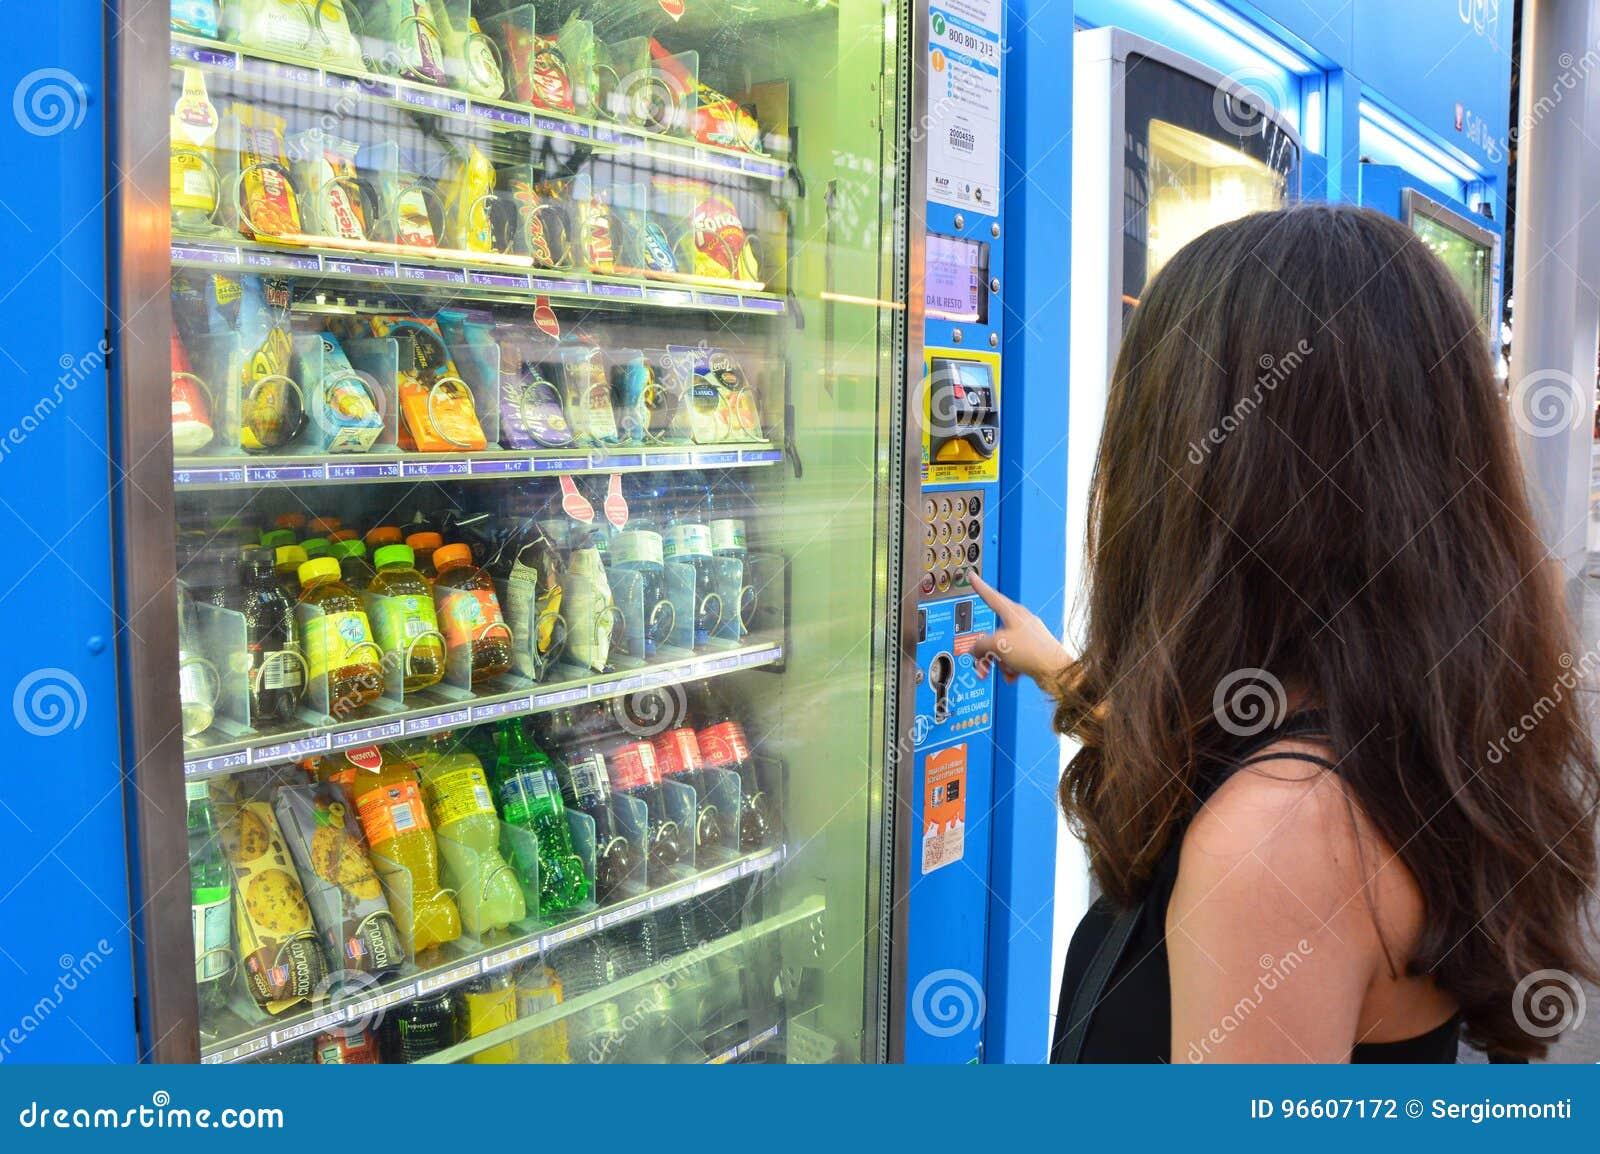 MAILAND, ITALIEN - 19. JULI 2017: Nicht identifizierter junger Student oder weiblicher Tourist, die einen Snack oder ein Getränk